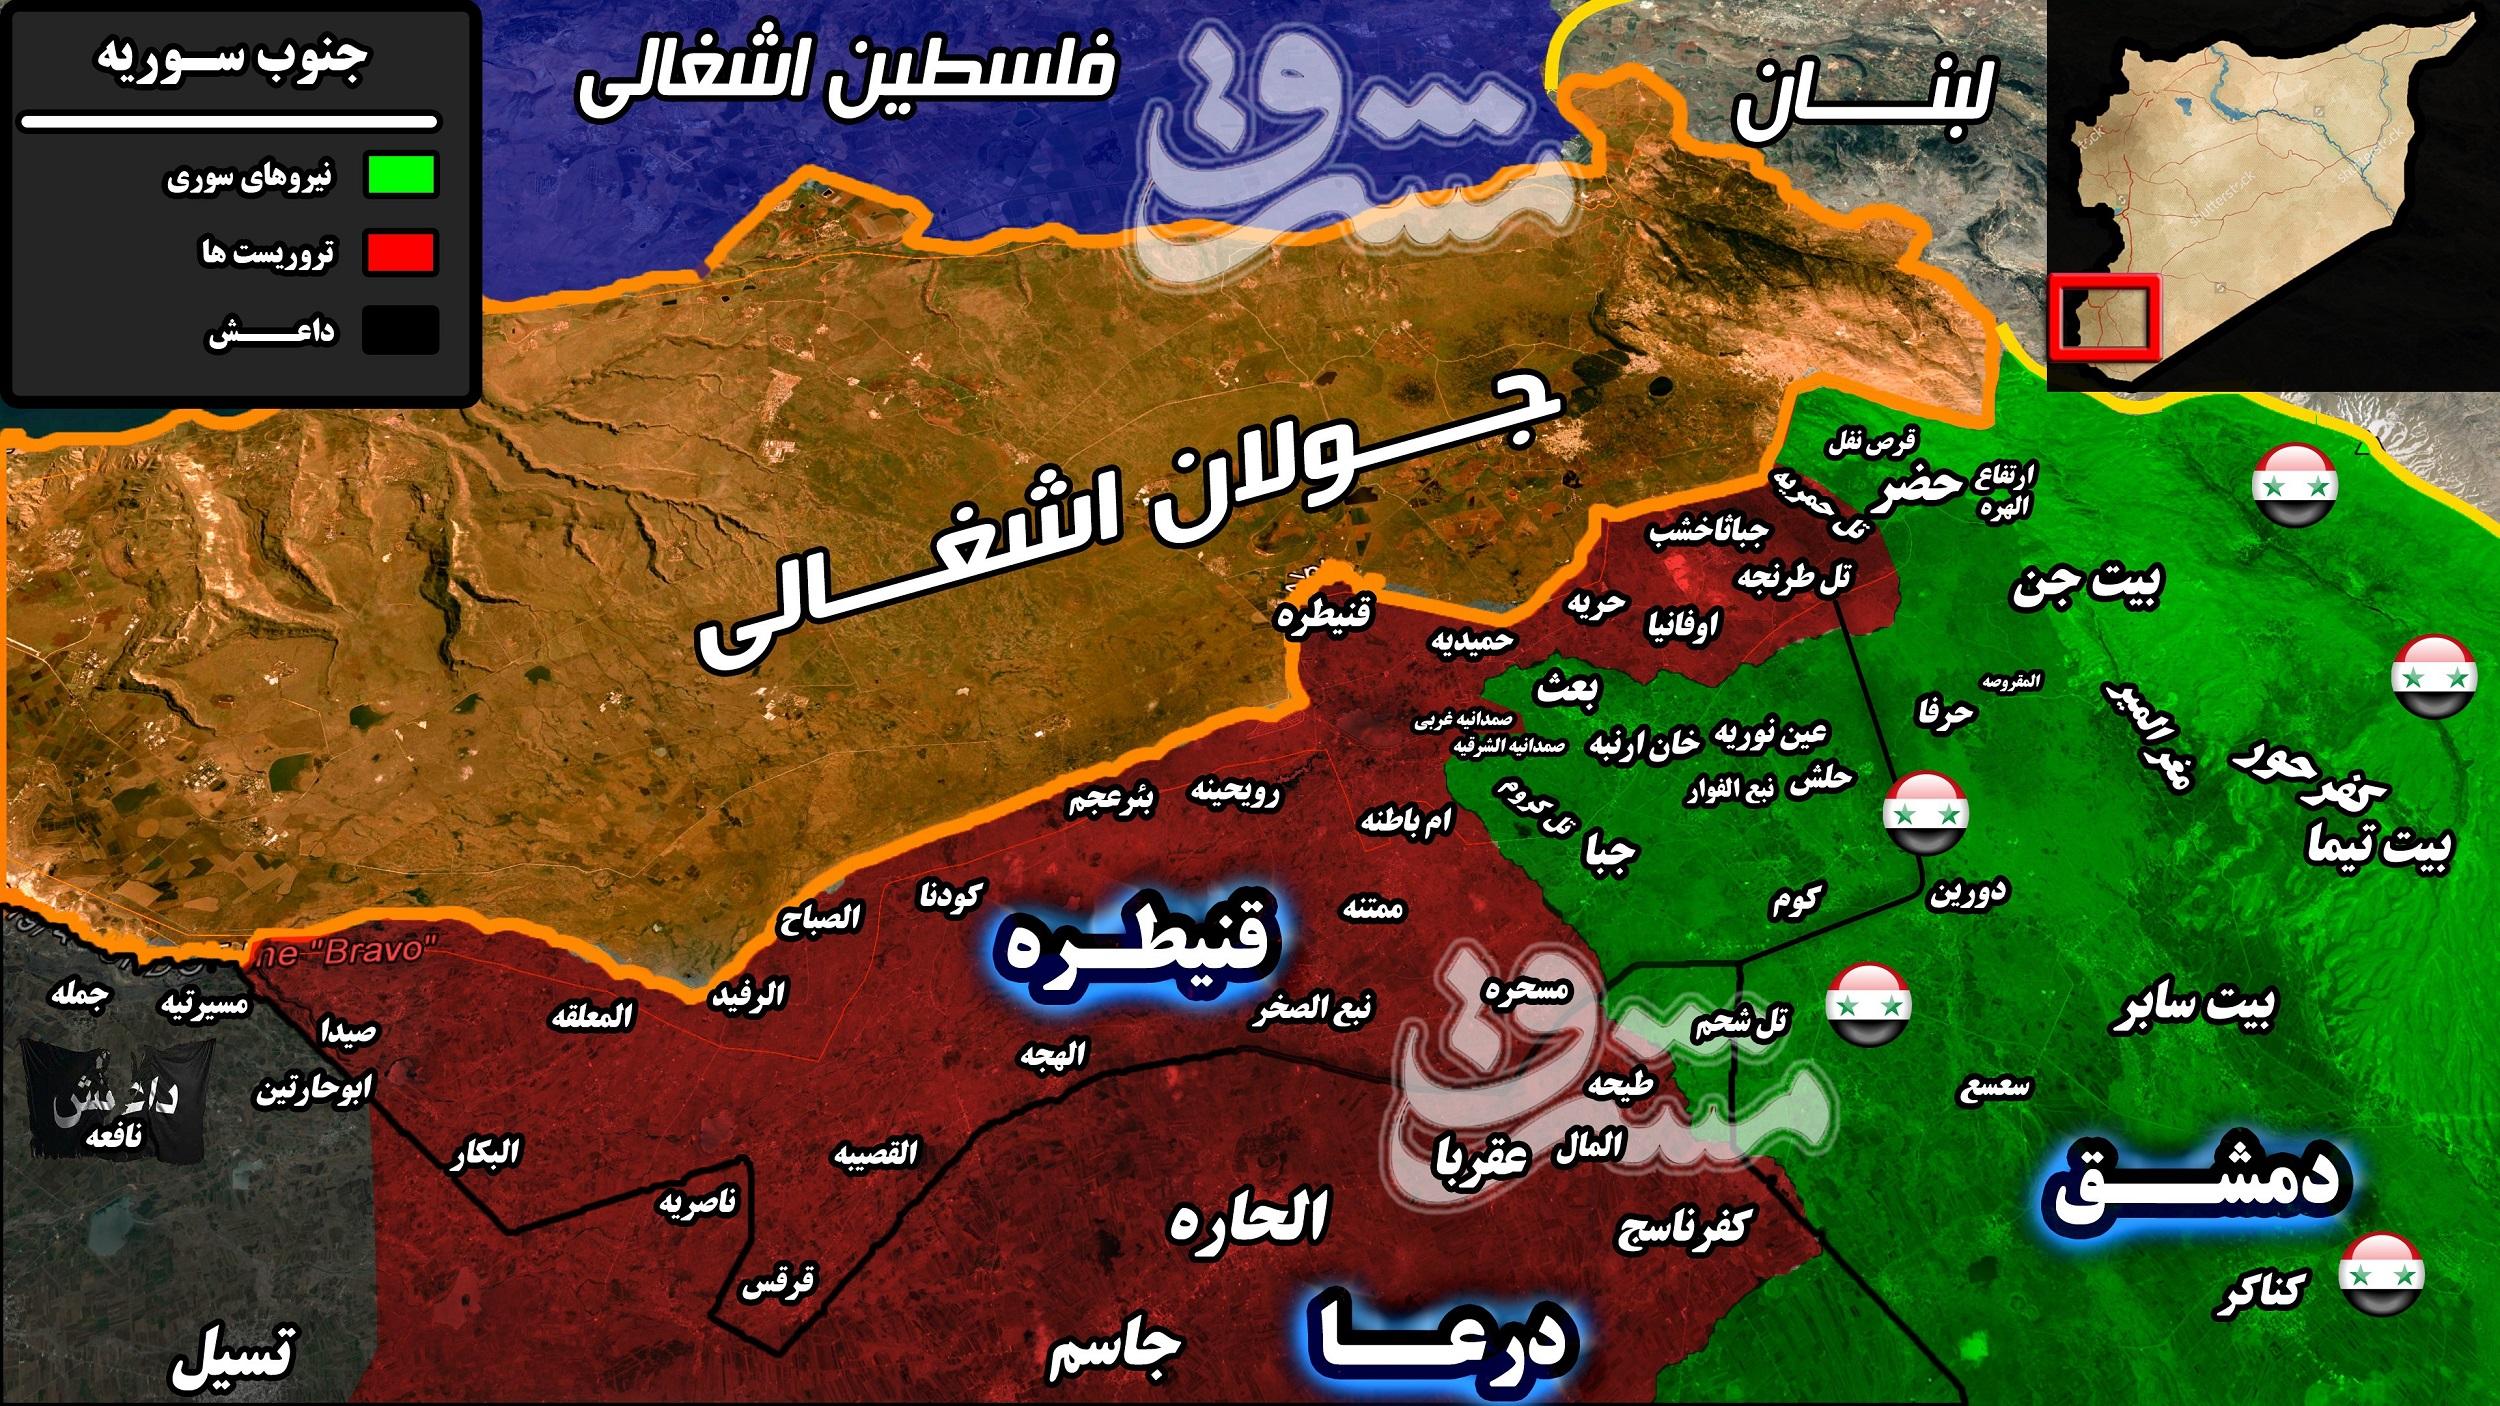 قلع و قمع گروههای تروریستی در شاهراه ارتباطی جنوب غرب سوریه/ فرار هواپیماهای جاسوسی رژیم صهیونیستی از آسمان قنیطره   تصاویر